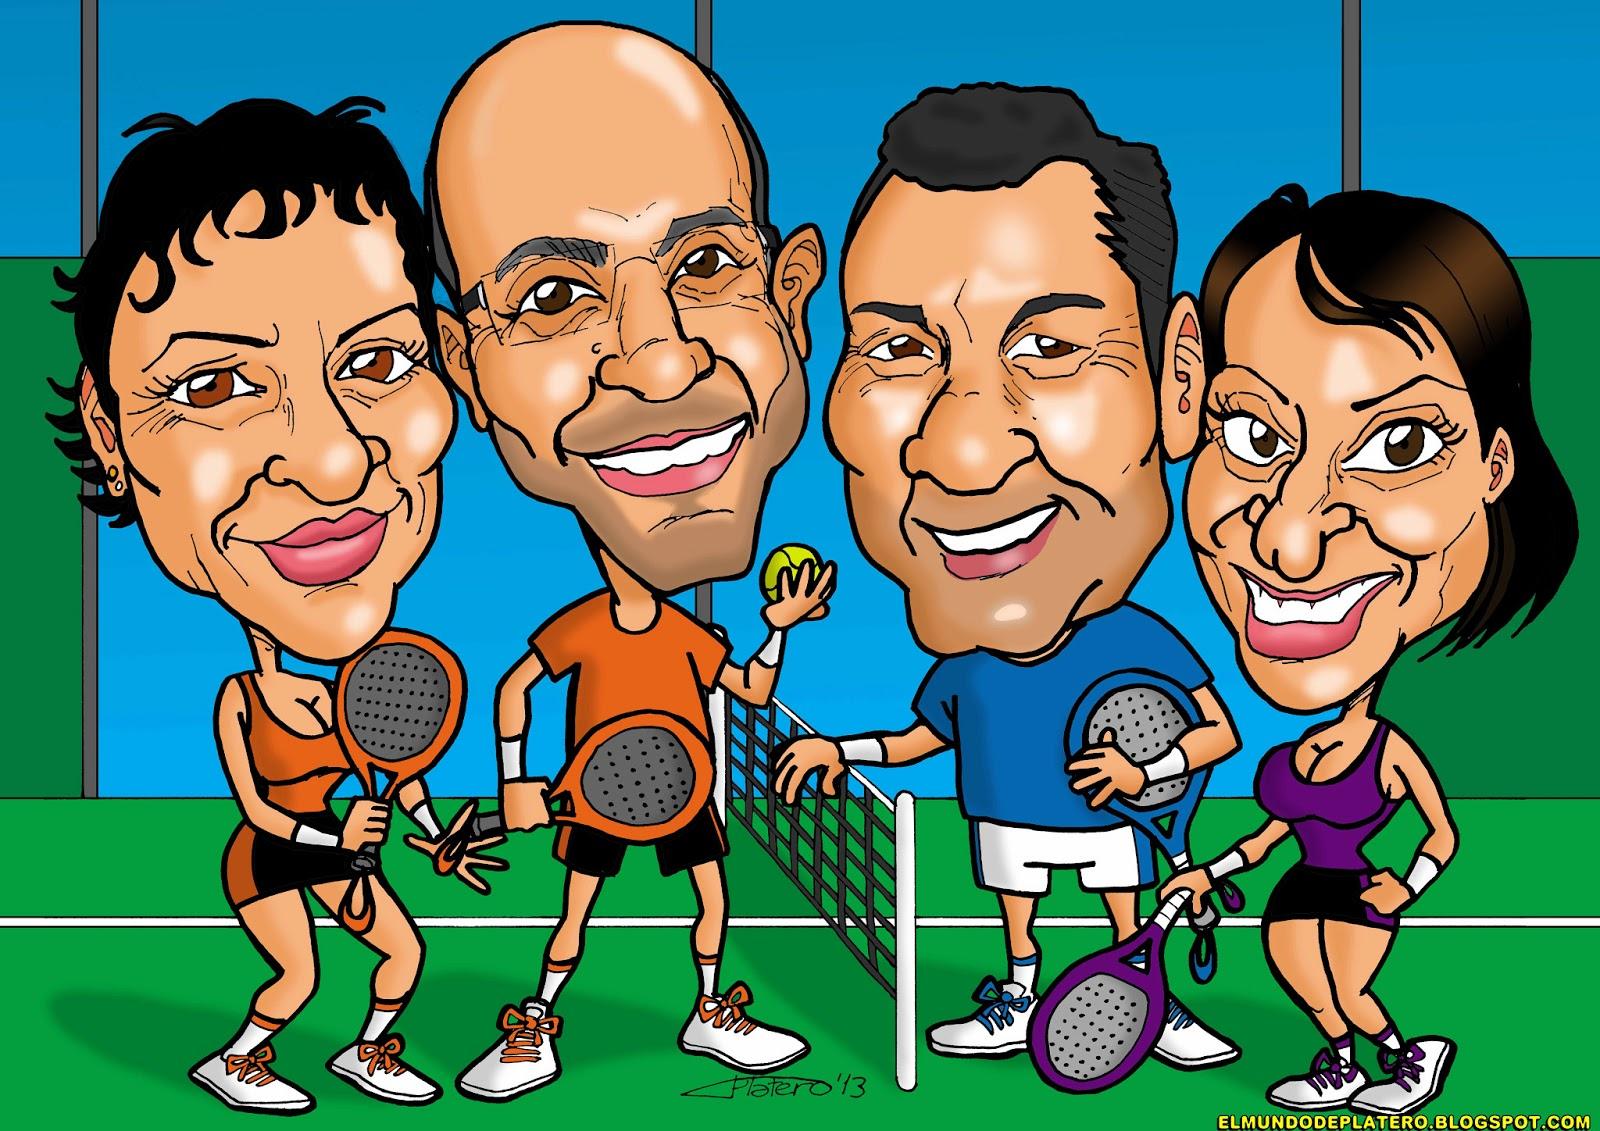 Platero: Caricaturas, Cómics E Ilustraciones: Abril 2013